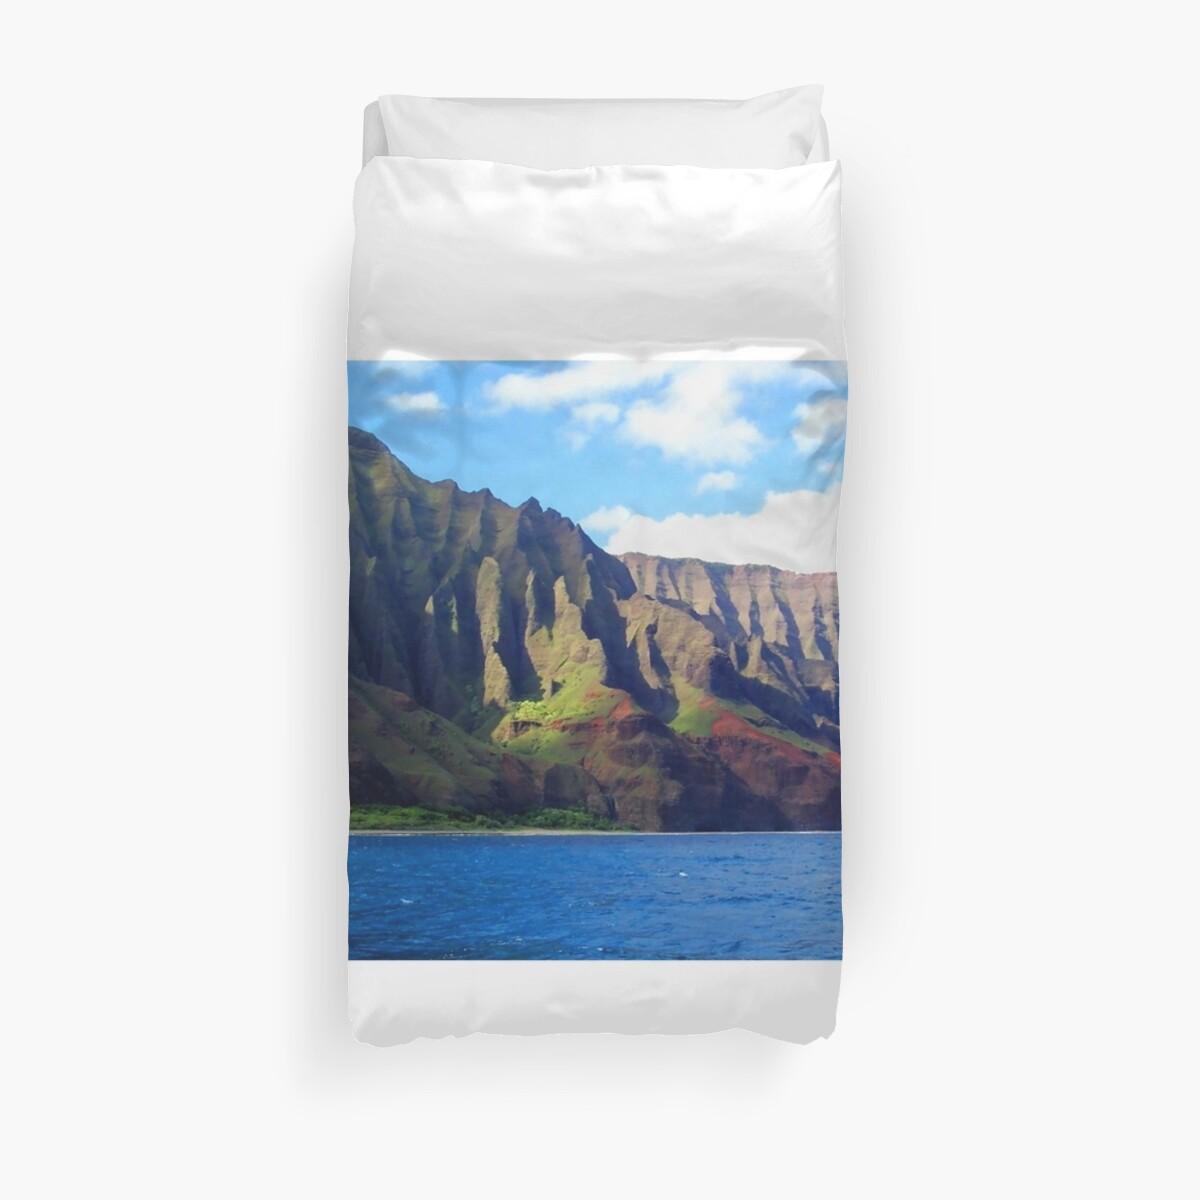 Blue Pacific and Rugged Na Pali Coastline of Kauai Hawaii by Amy McDaniel